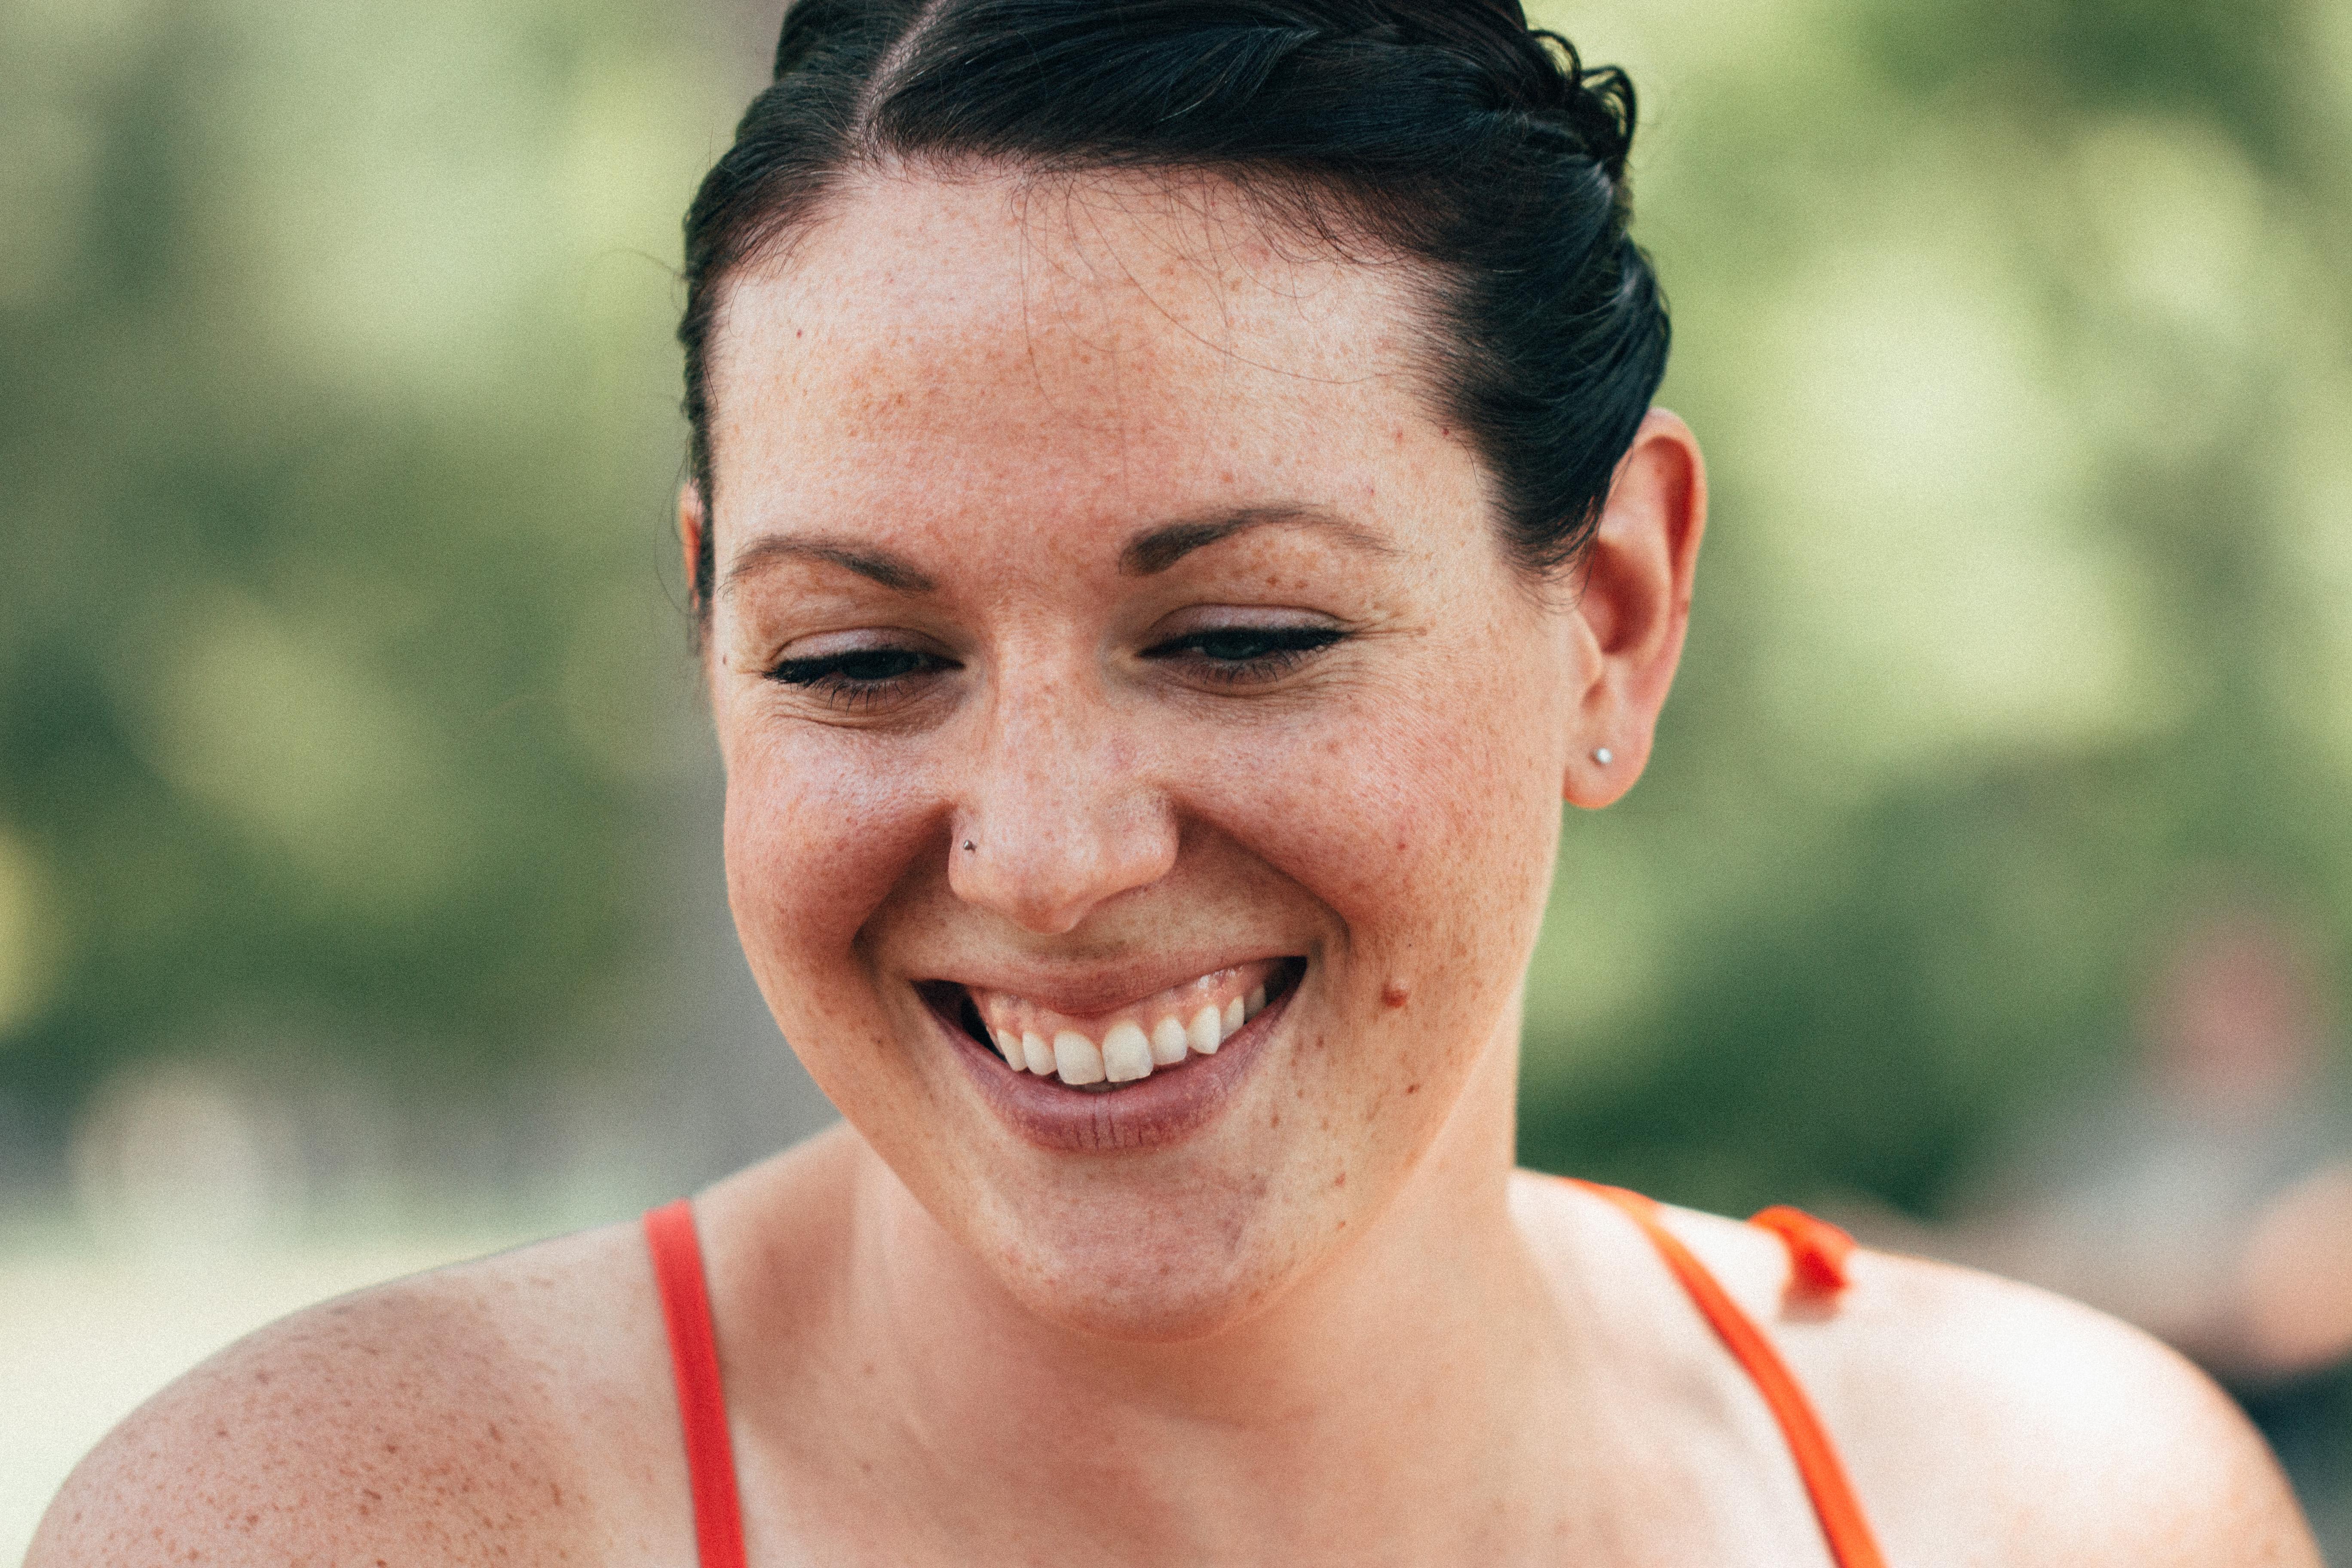 Kellie portrait 2 at pioneer park 7:29:18.jpg